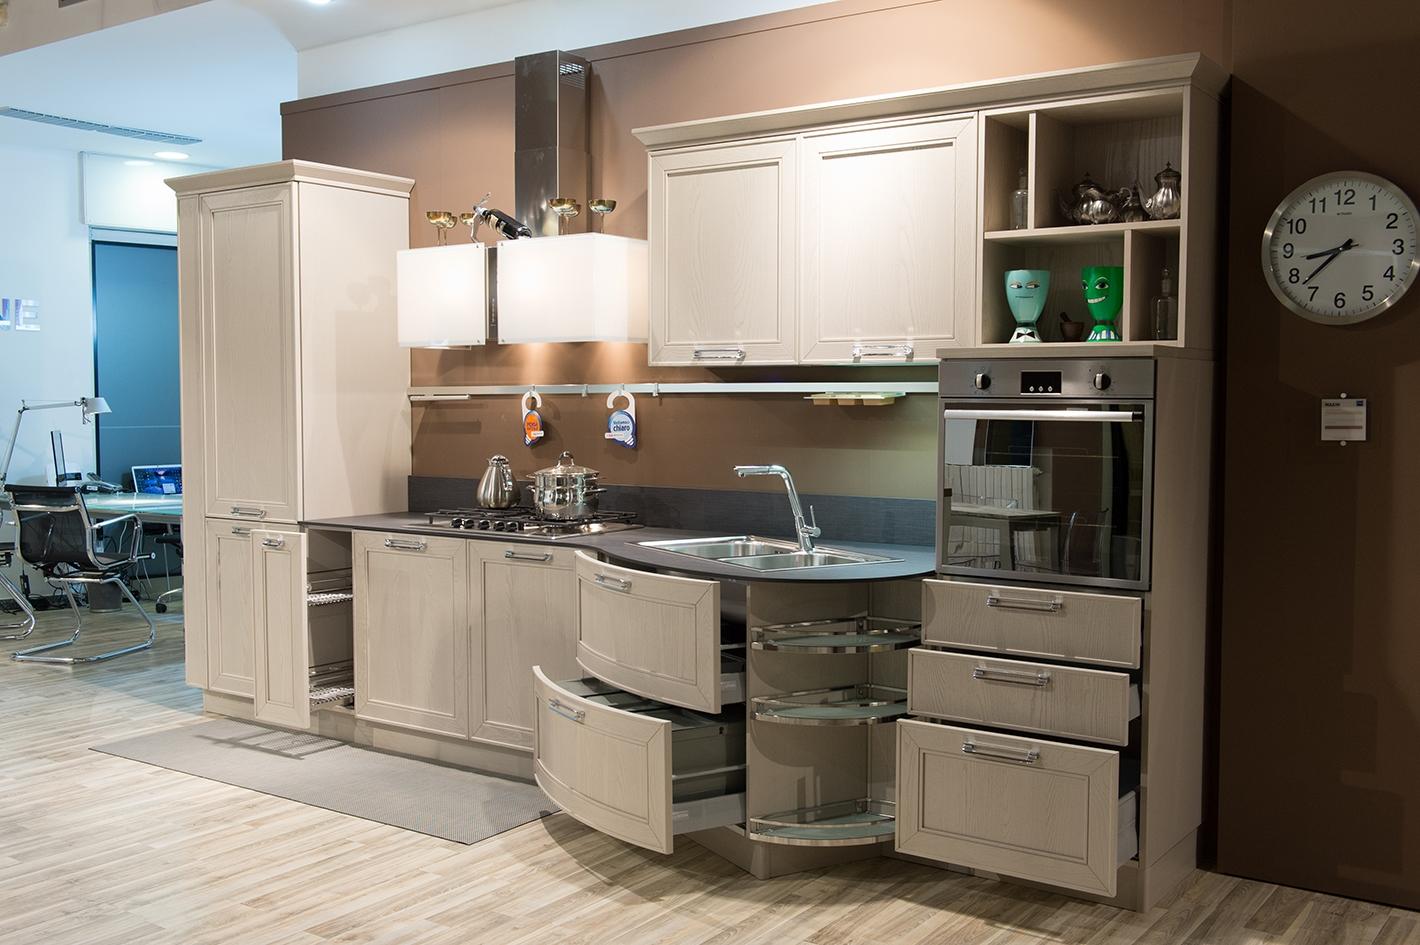 Cucina stosa modello maxim completa di elettrodomestici - Cucine su misura ikea ...